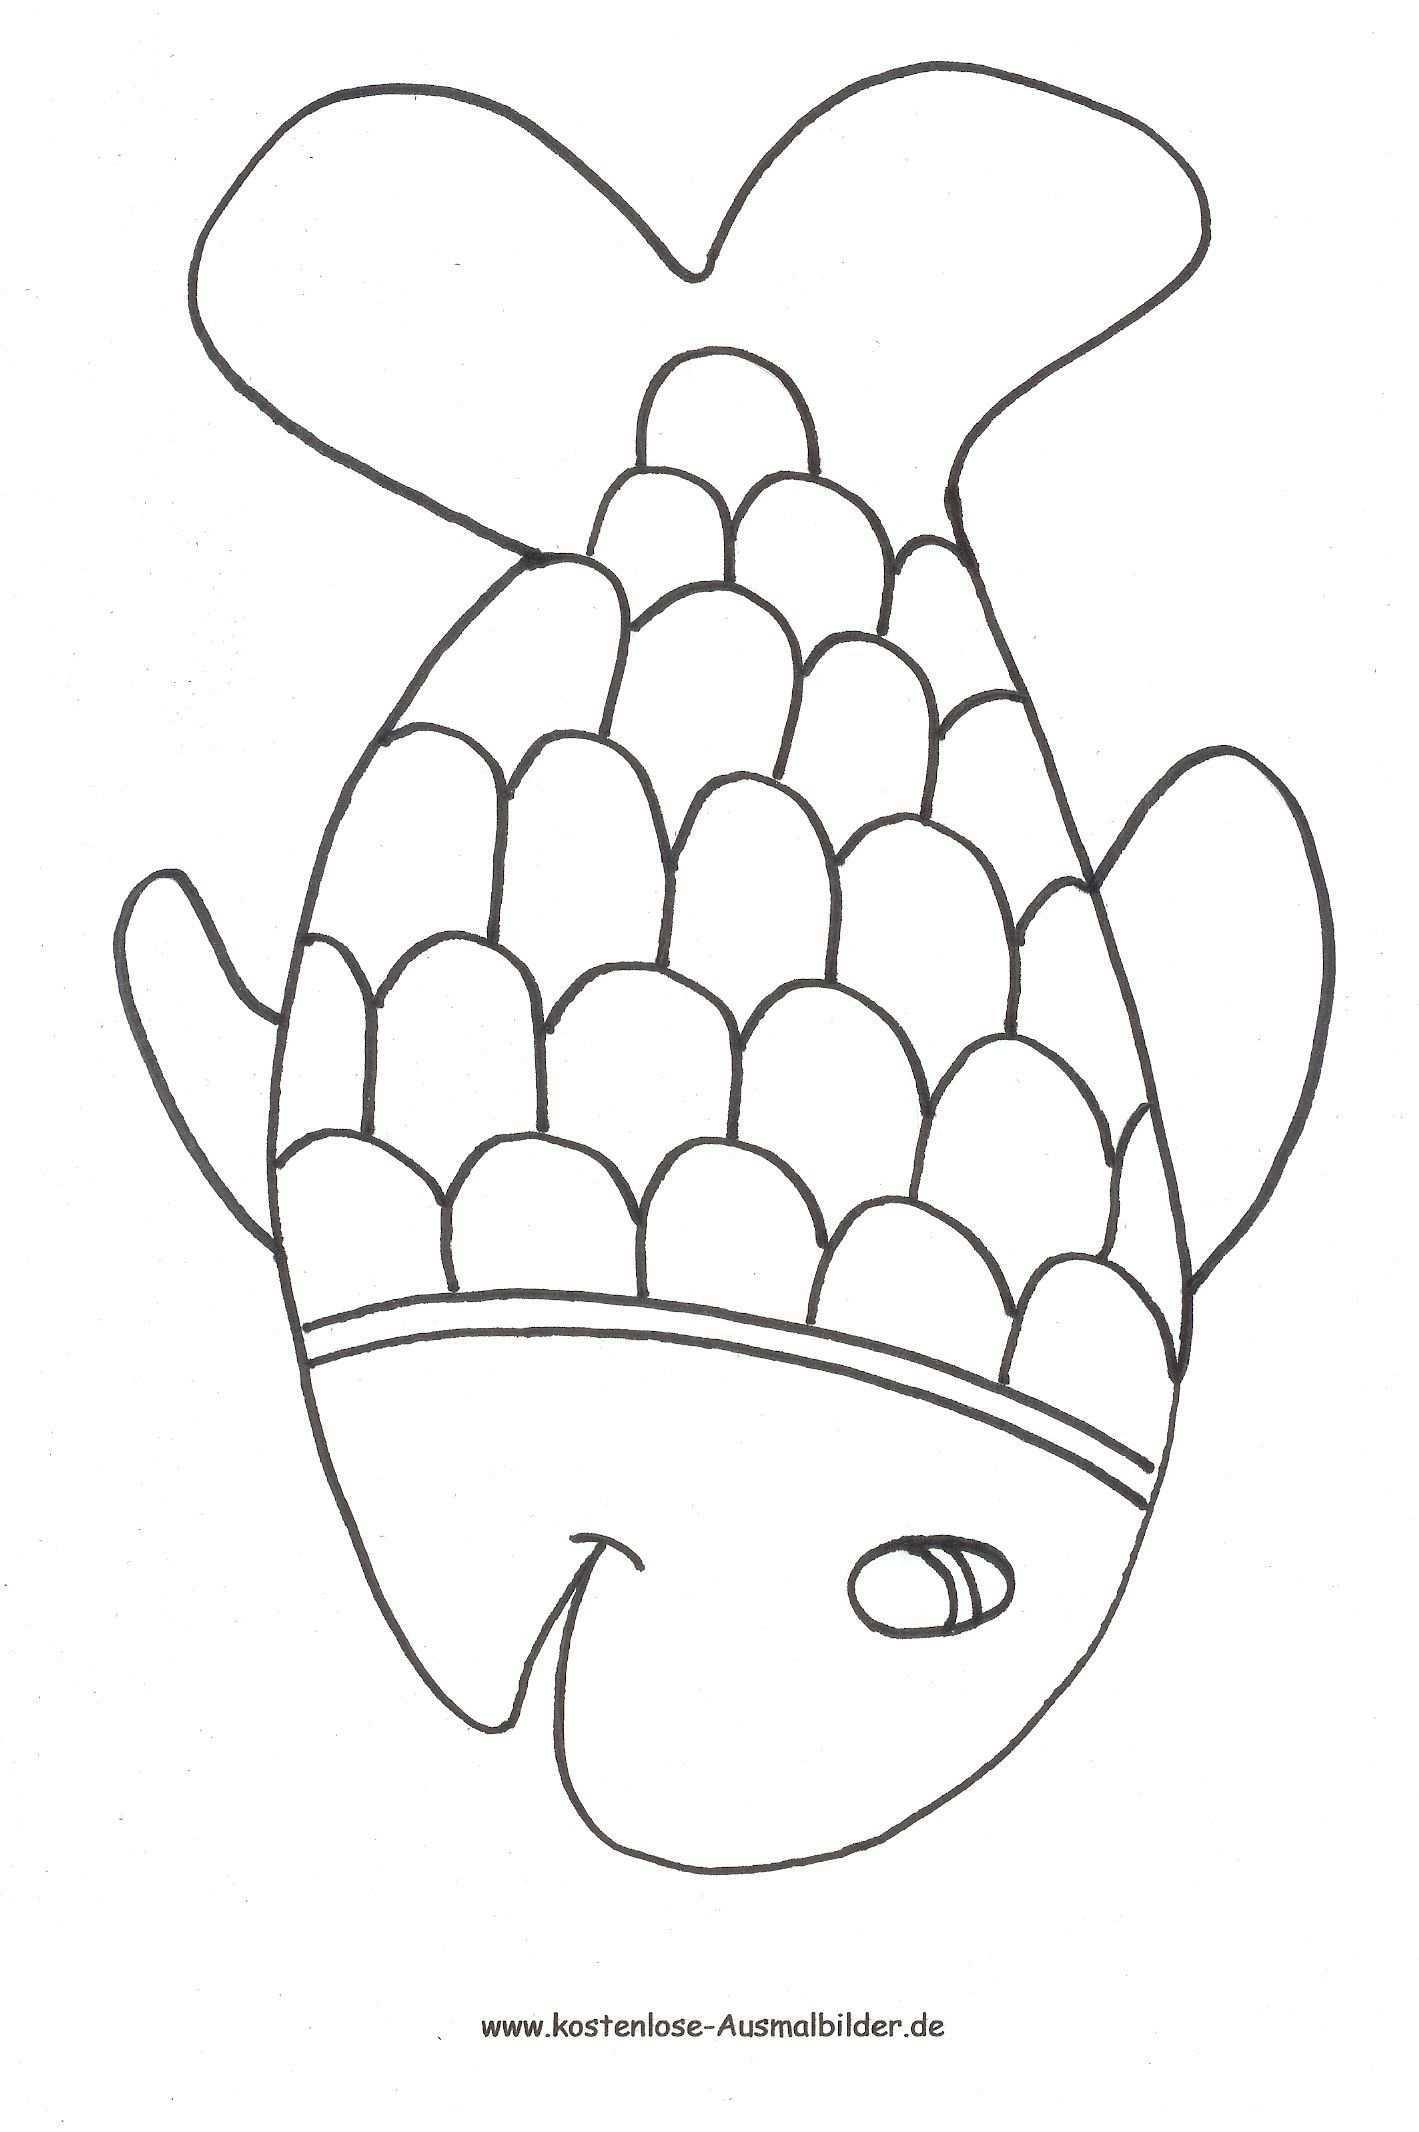 Malvorlagen Schildkrote Schule In 2020 Ausmalbilder Fische Fisch Vorlage Ausmalbilder